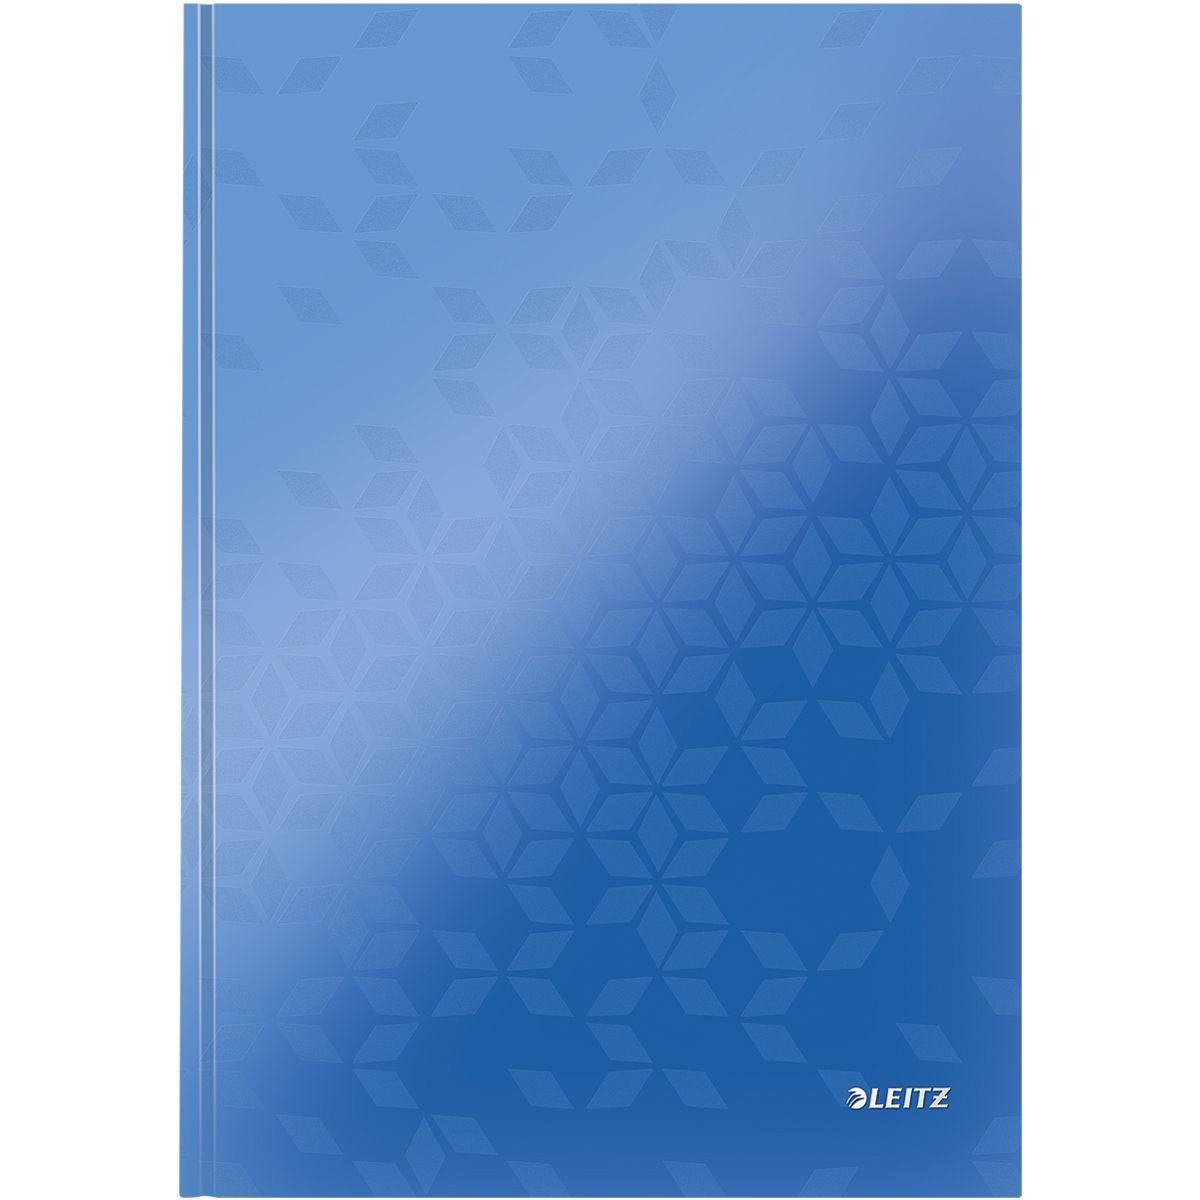 chamois DIN A4 350 g//qm Karton GBC Einbanddeckel ibiStol